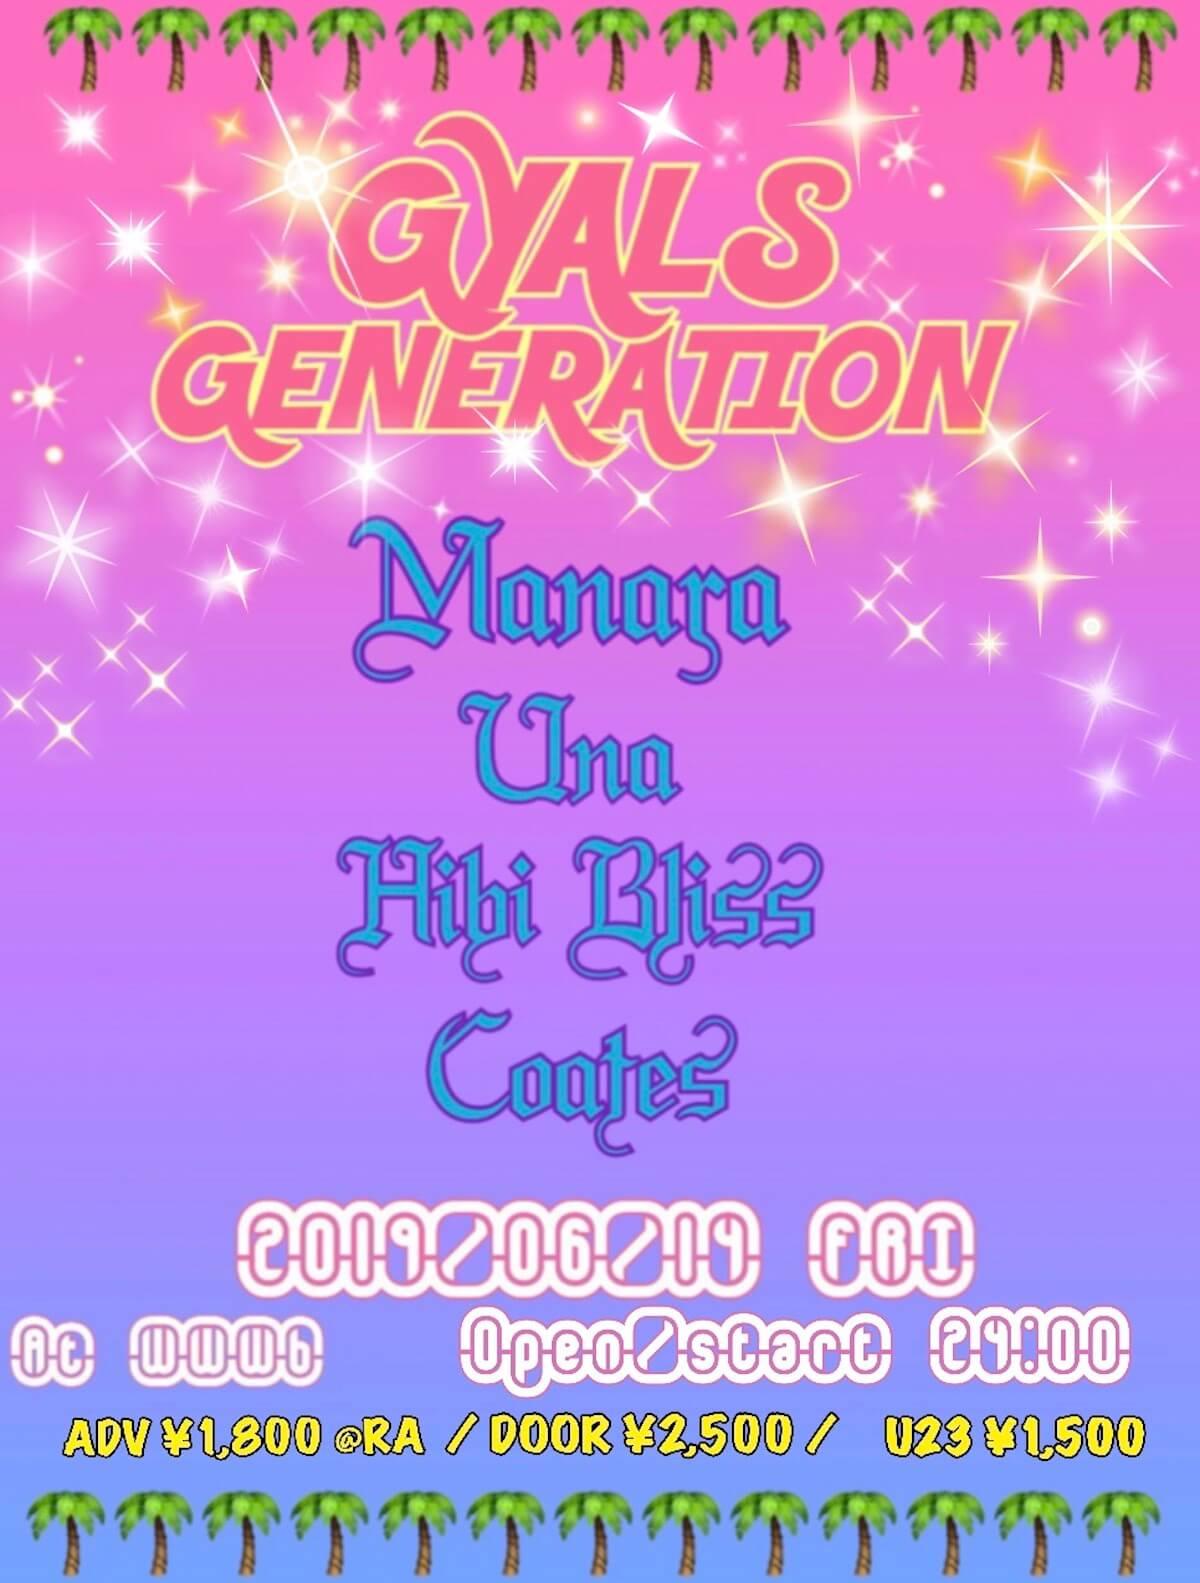 ギャルたちのギャルたちによる、世界の全てのギャルたちが自分らしくいられるためのパーティー「GYALS GENERATION」が初開催 music190611-gyals-generatio-1